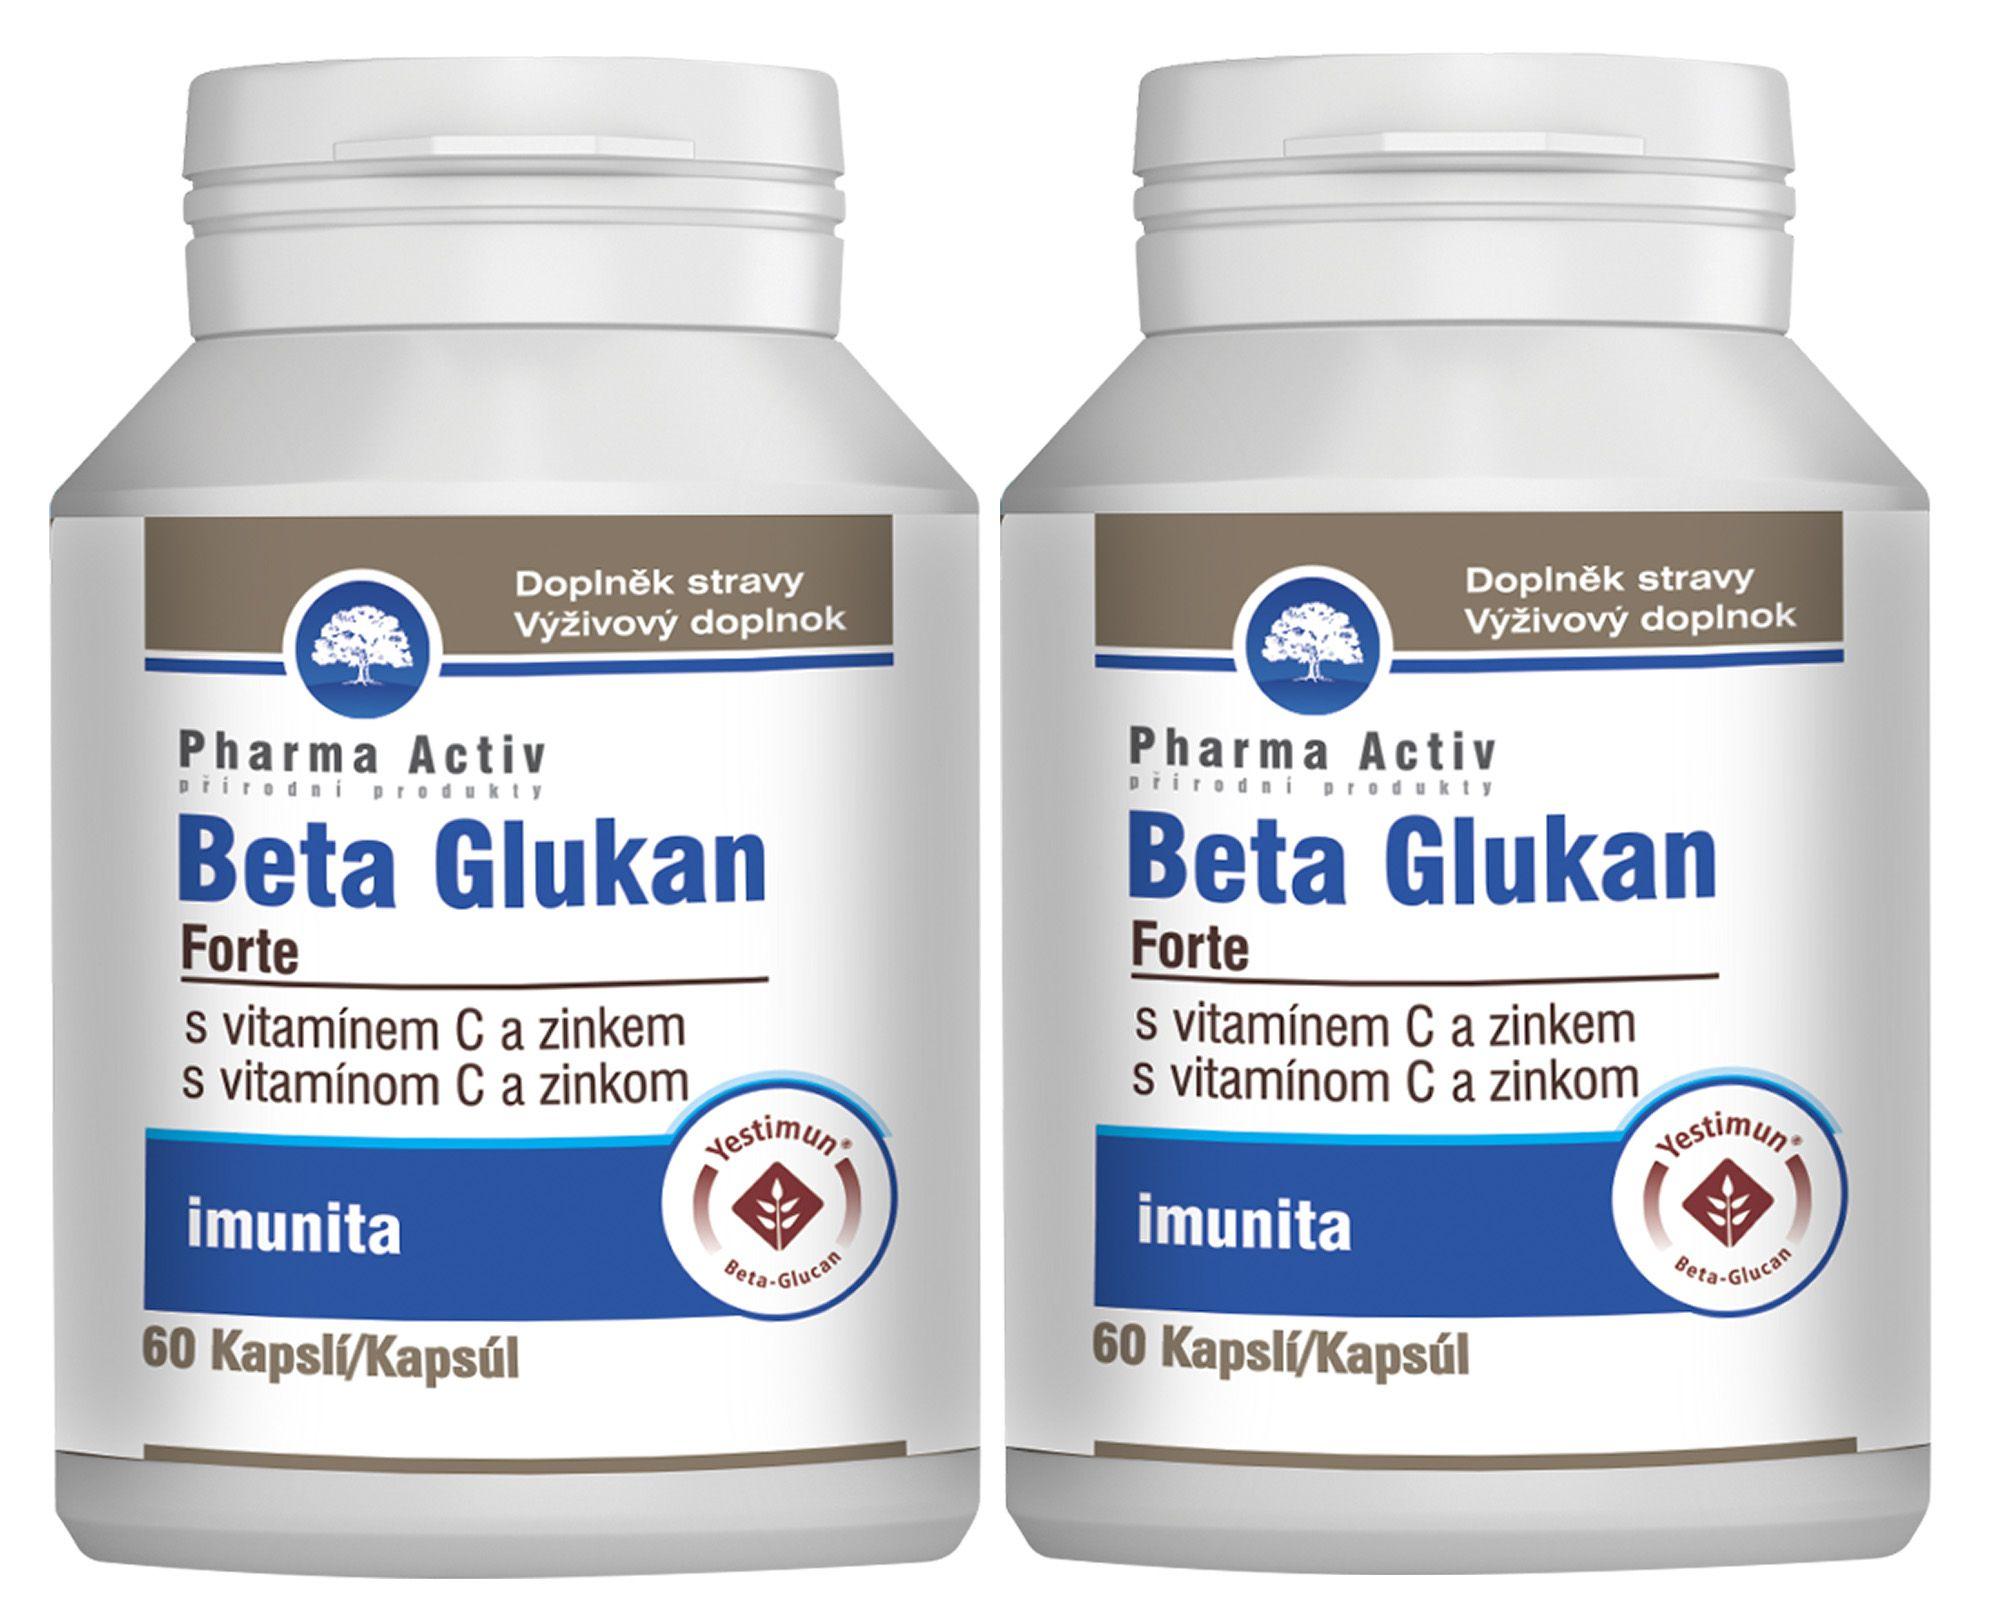 Pharma Activ Beta Glukan Forte vitamín C a zinek 60 kapslí 1+1